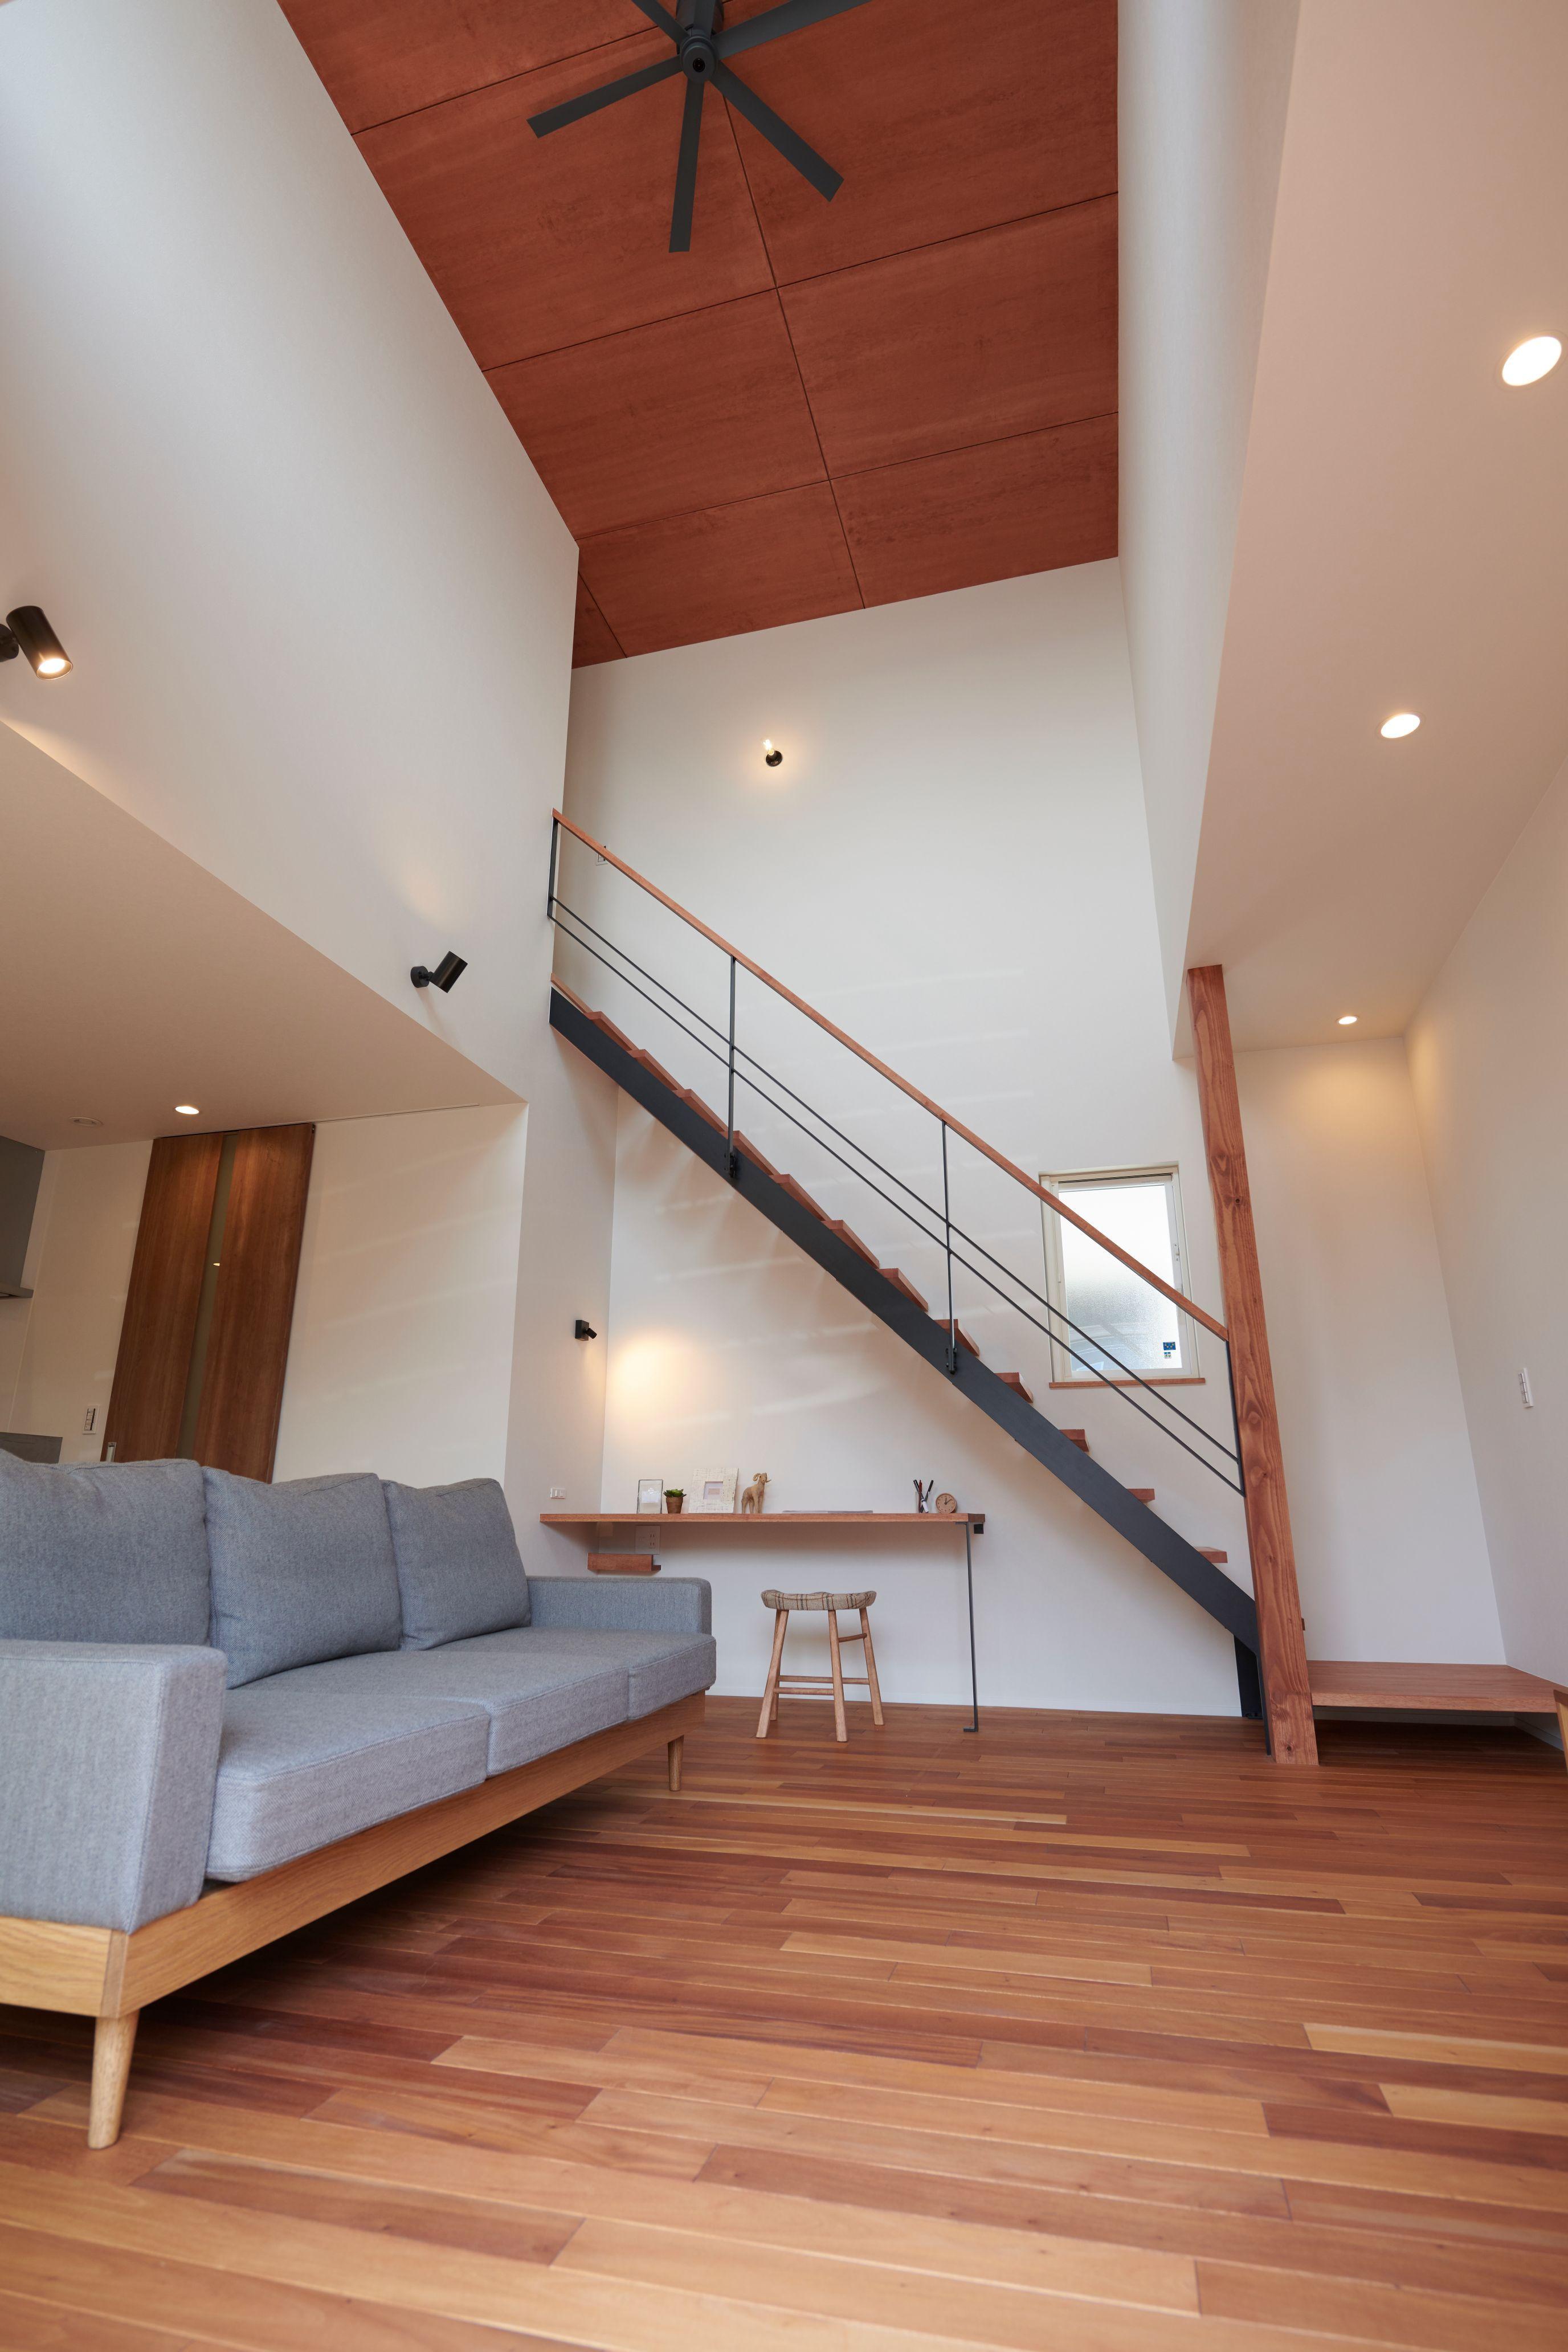 マホガニーの無垢フロアと見上げたくなる板貼り天井 ルポハウス 設計